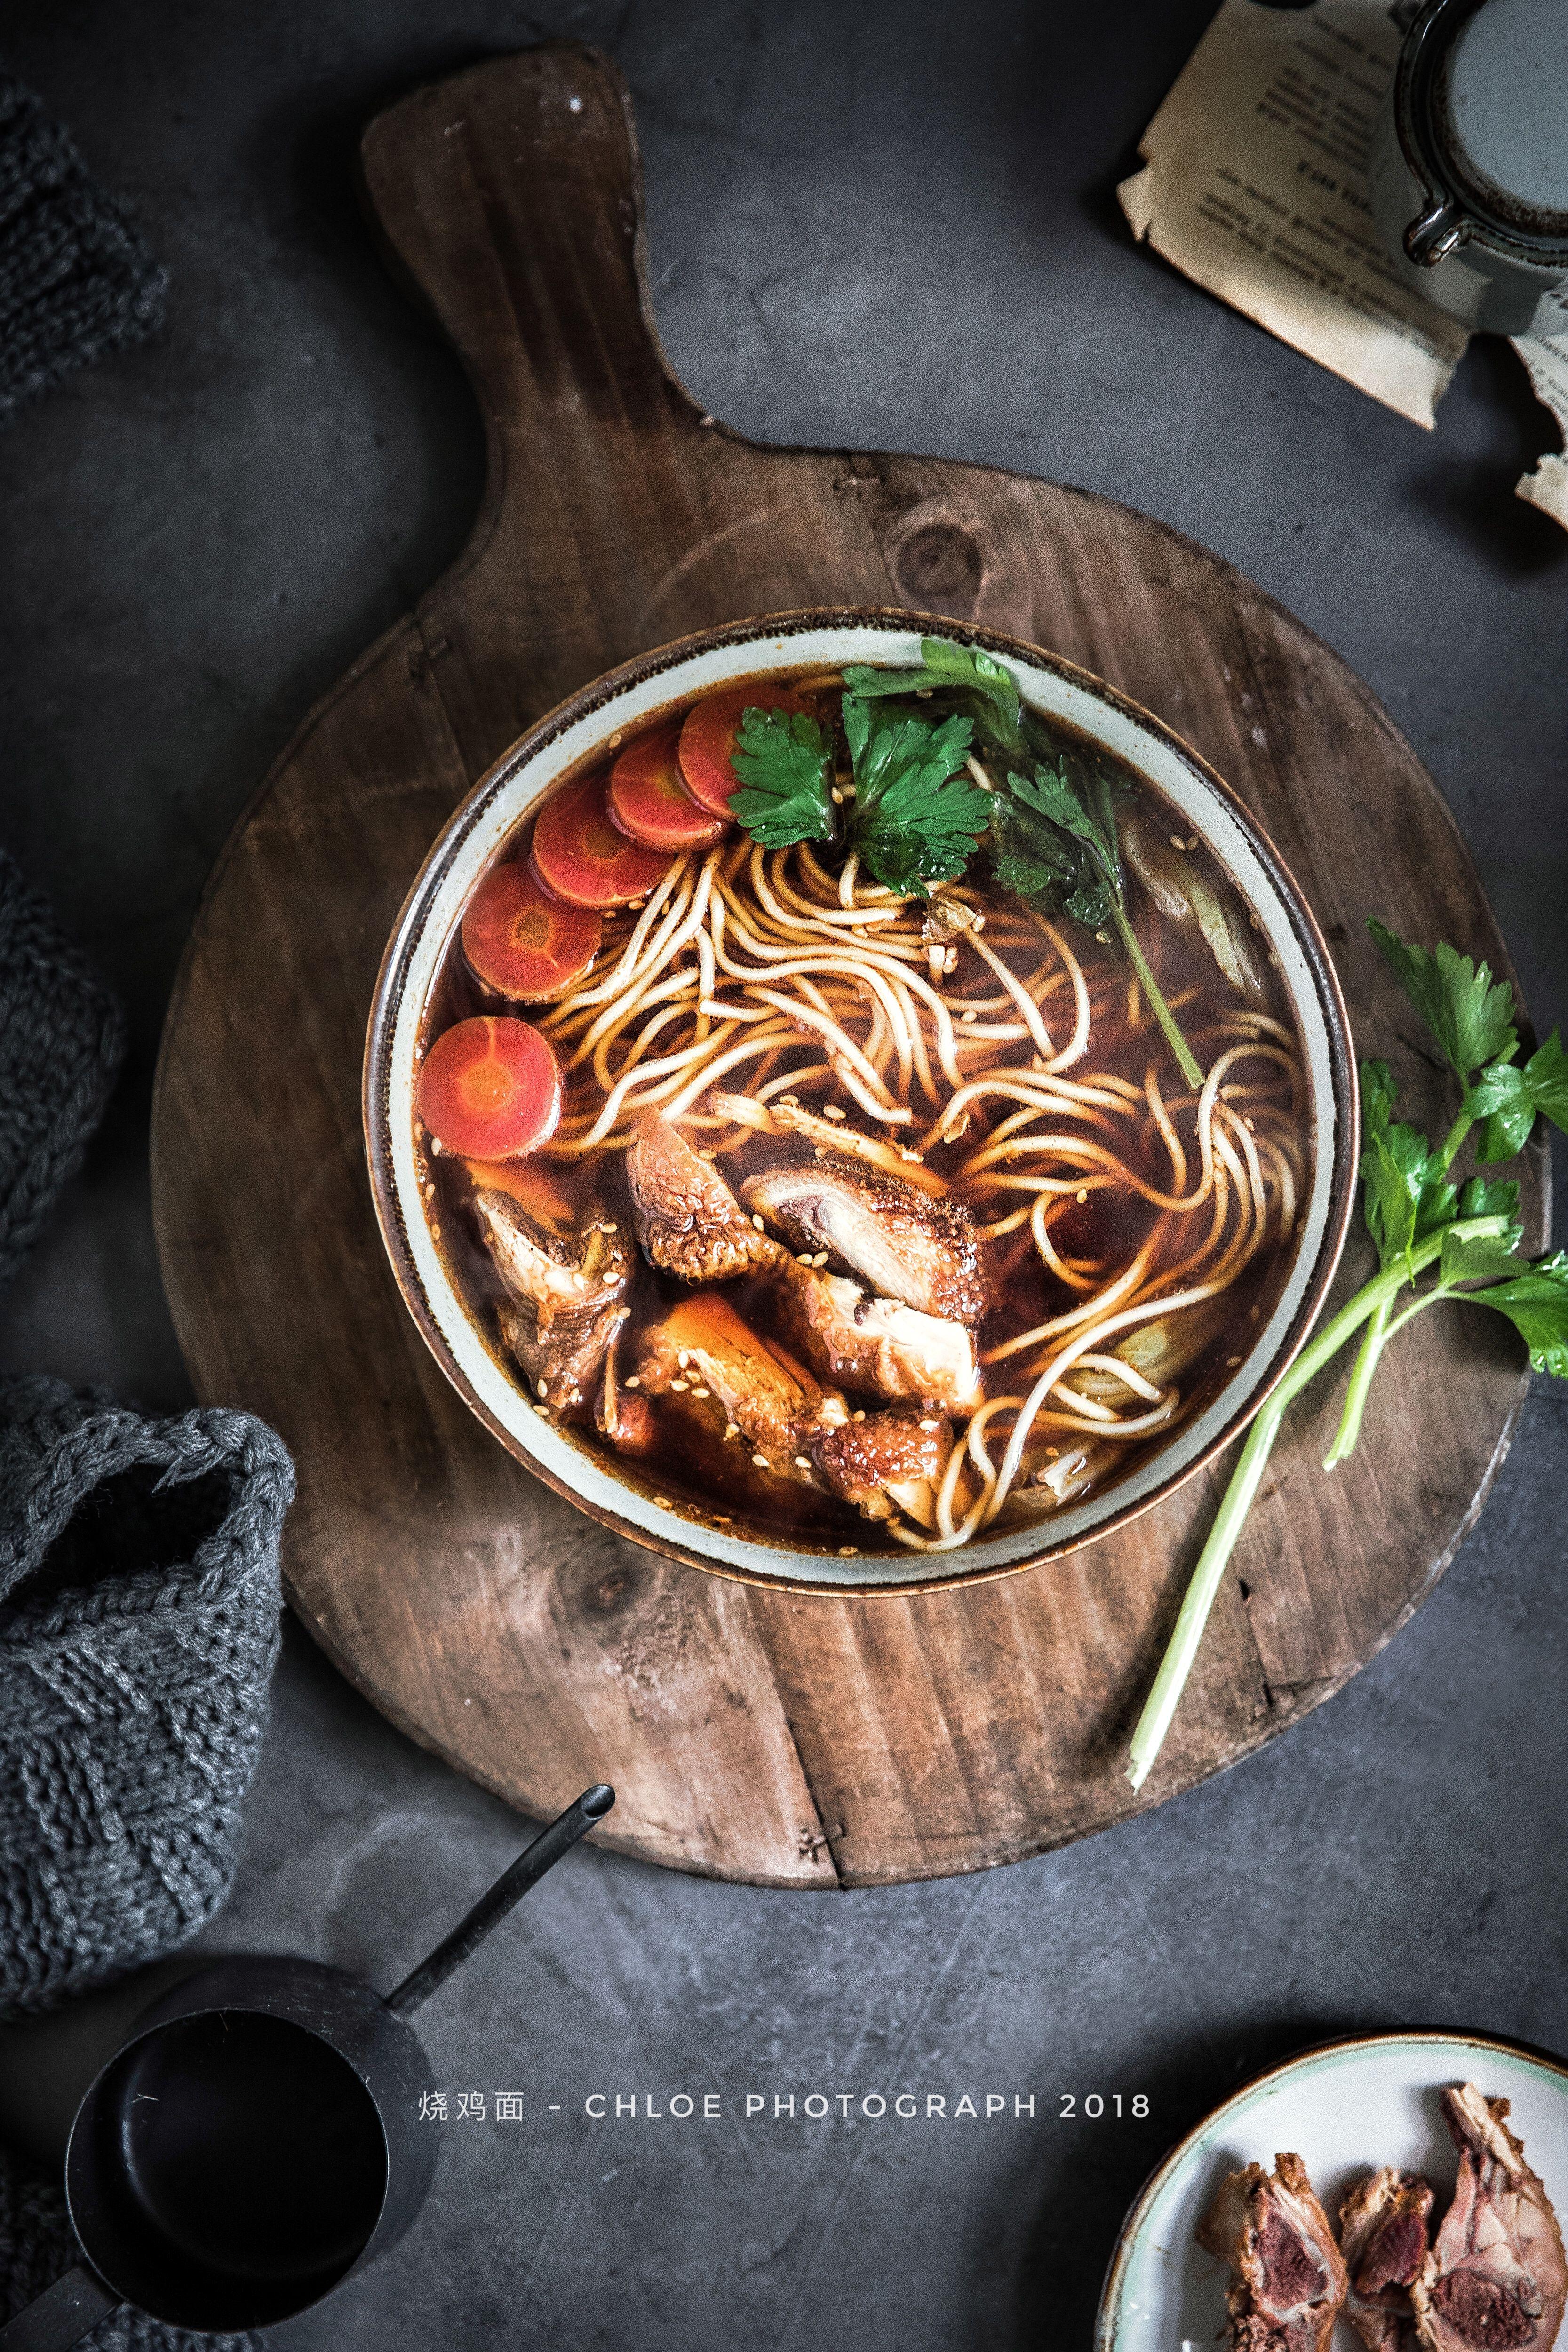 烧鸡面 Chicken Noodles Fotografi Makanan Makanan Mie